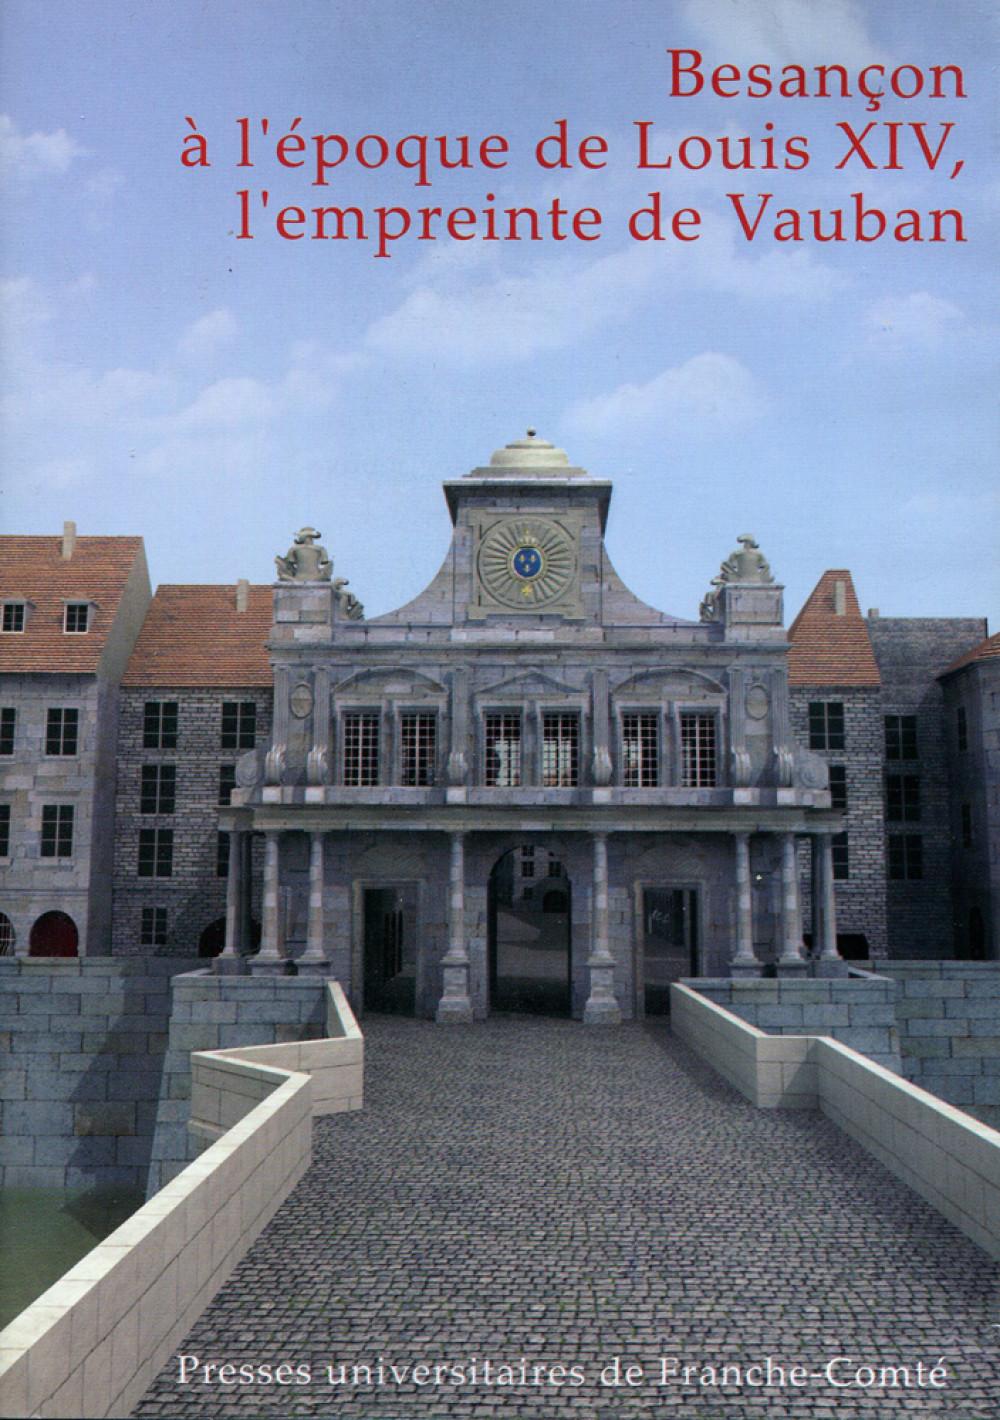 Besançon à l'époque de Louis XIV, l'empreinte de Vauban